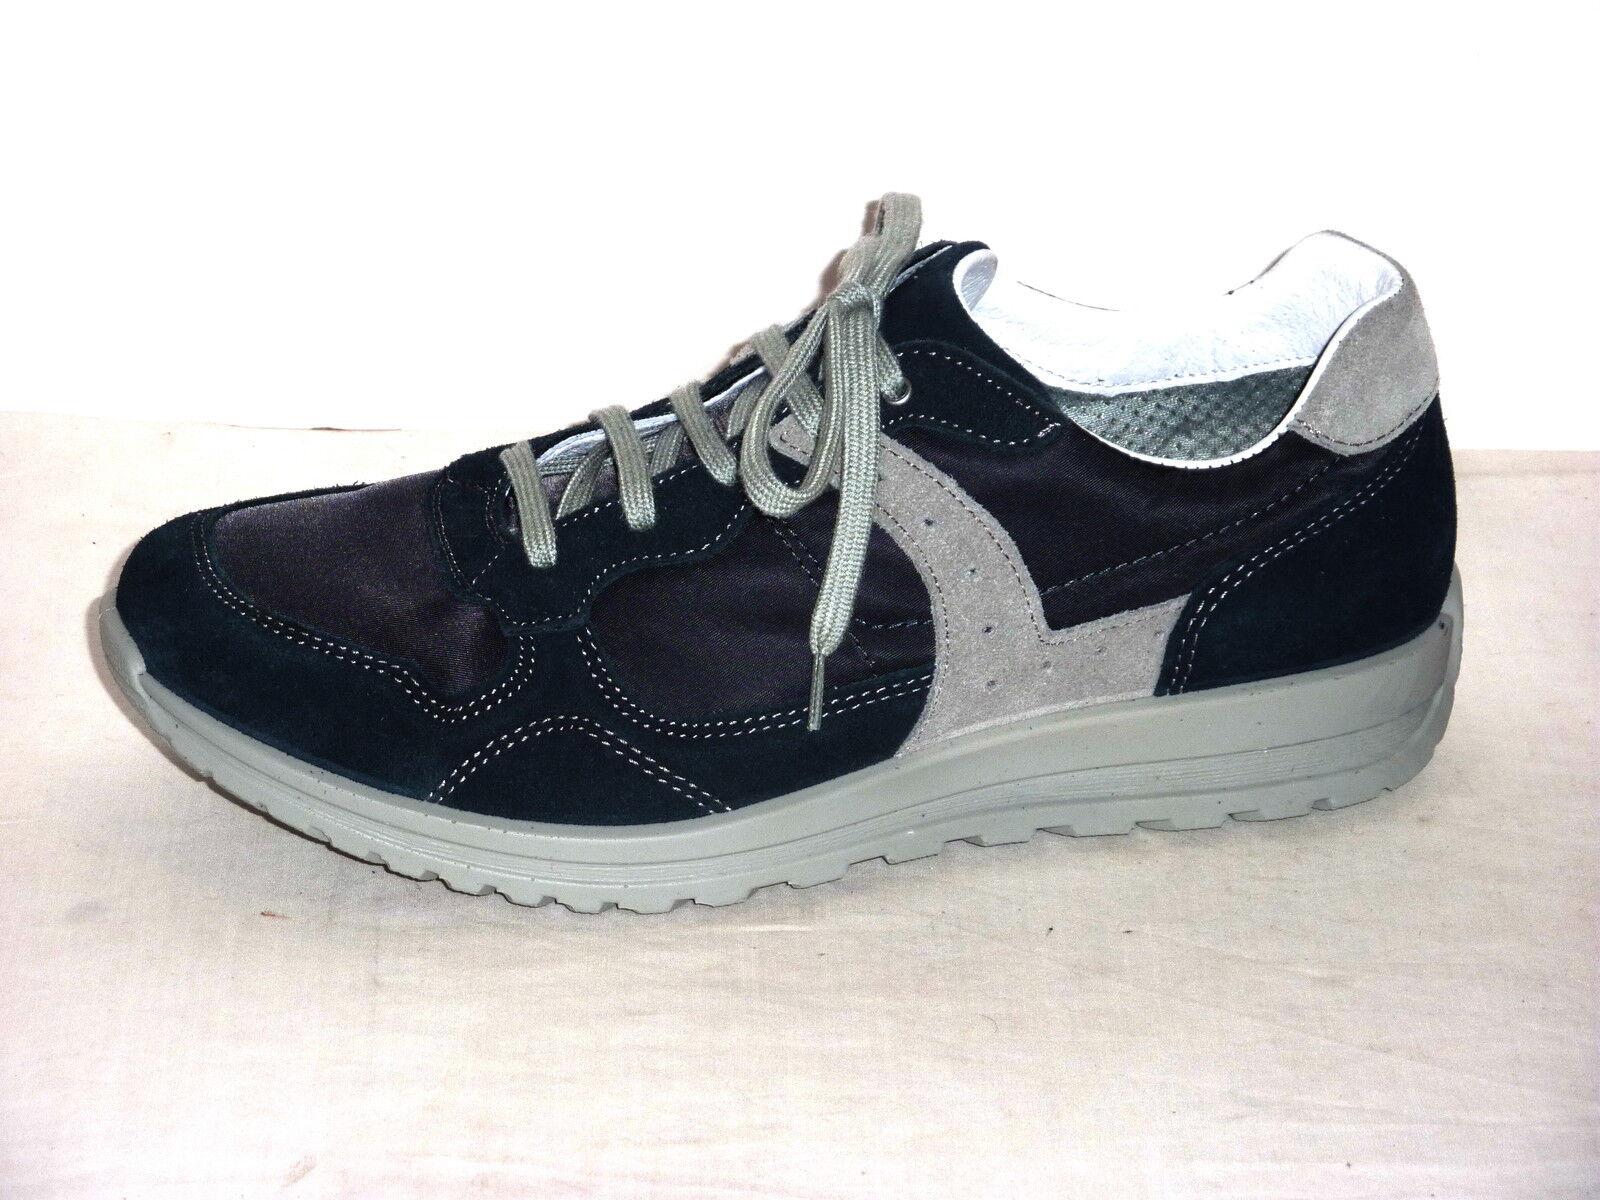 GRI SPORT zapatos hombres CASUAL TENNIS TEMPO LIBERO ALLACCIATE  NABUK azul n. 41